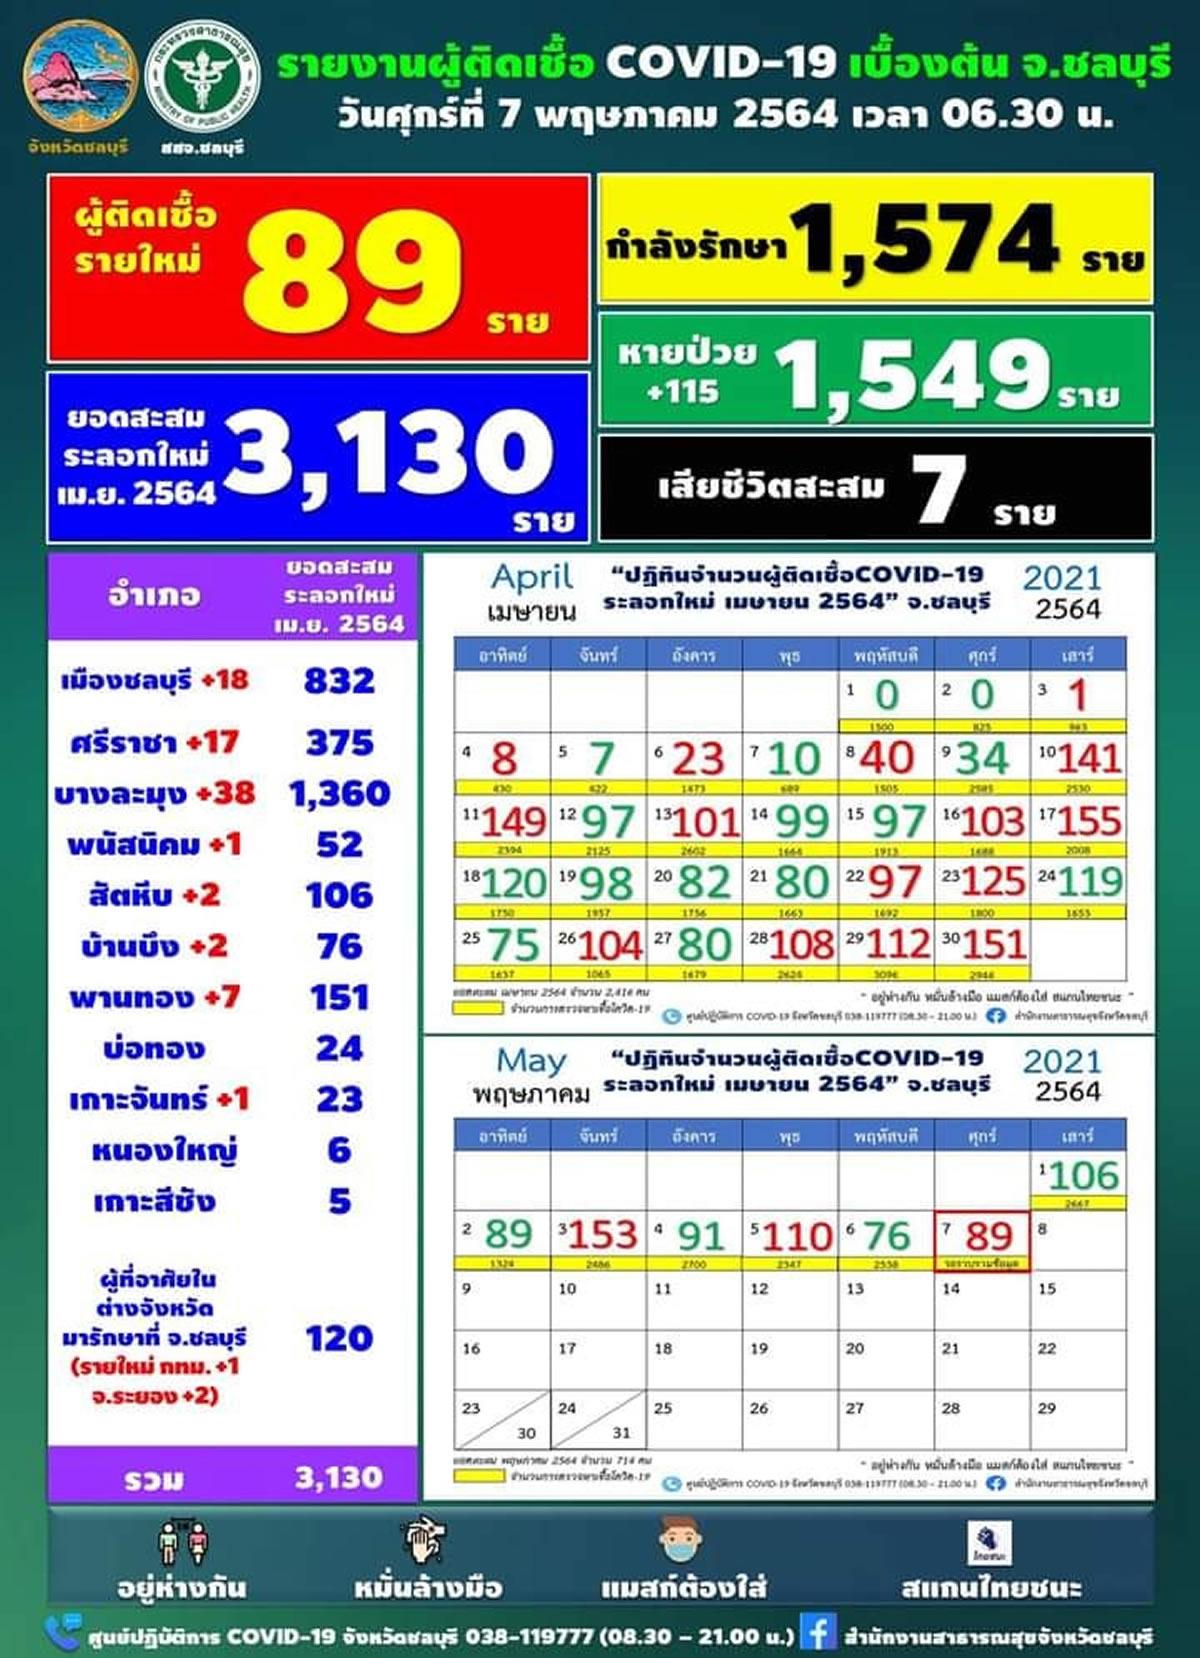 チョンブリ県 1日で89人陽性確認、2度目の検査で陽性発覚も多数[2021年5月7日発表]